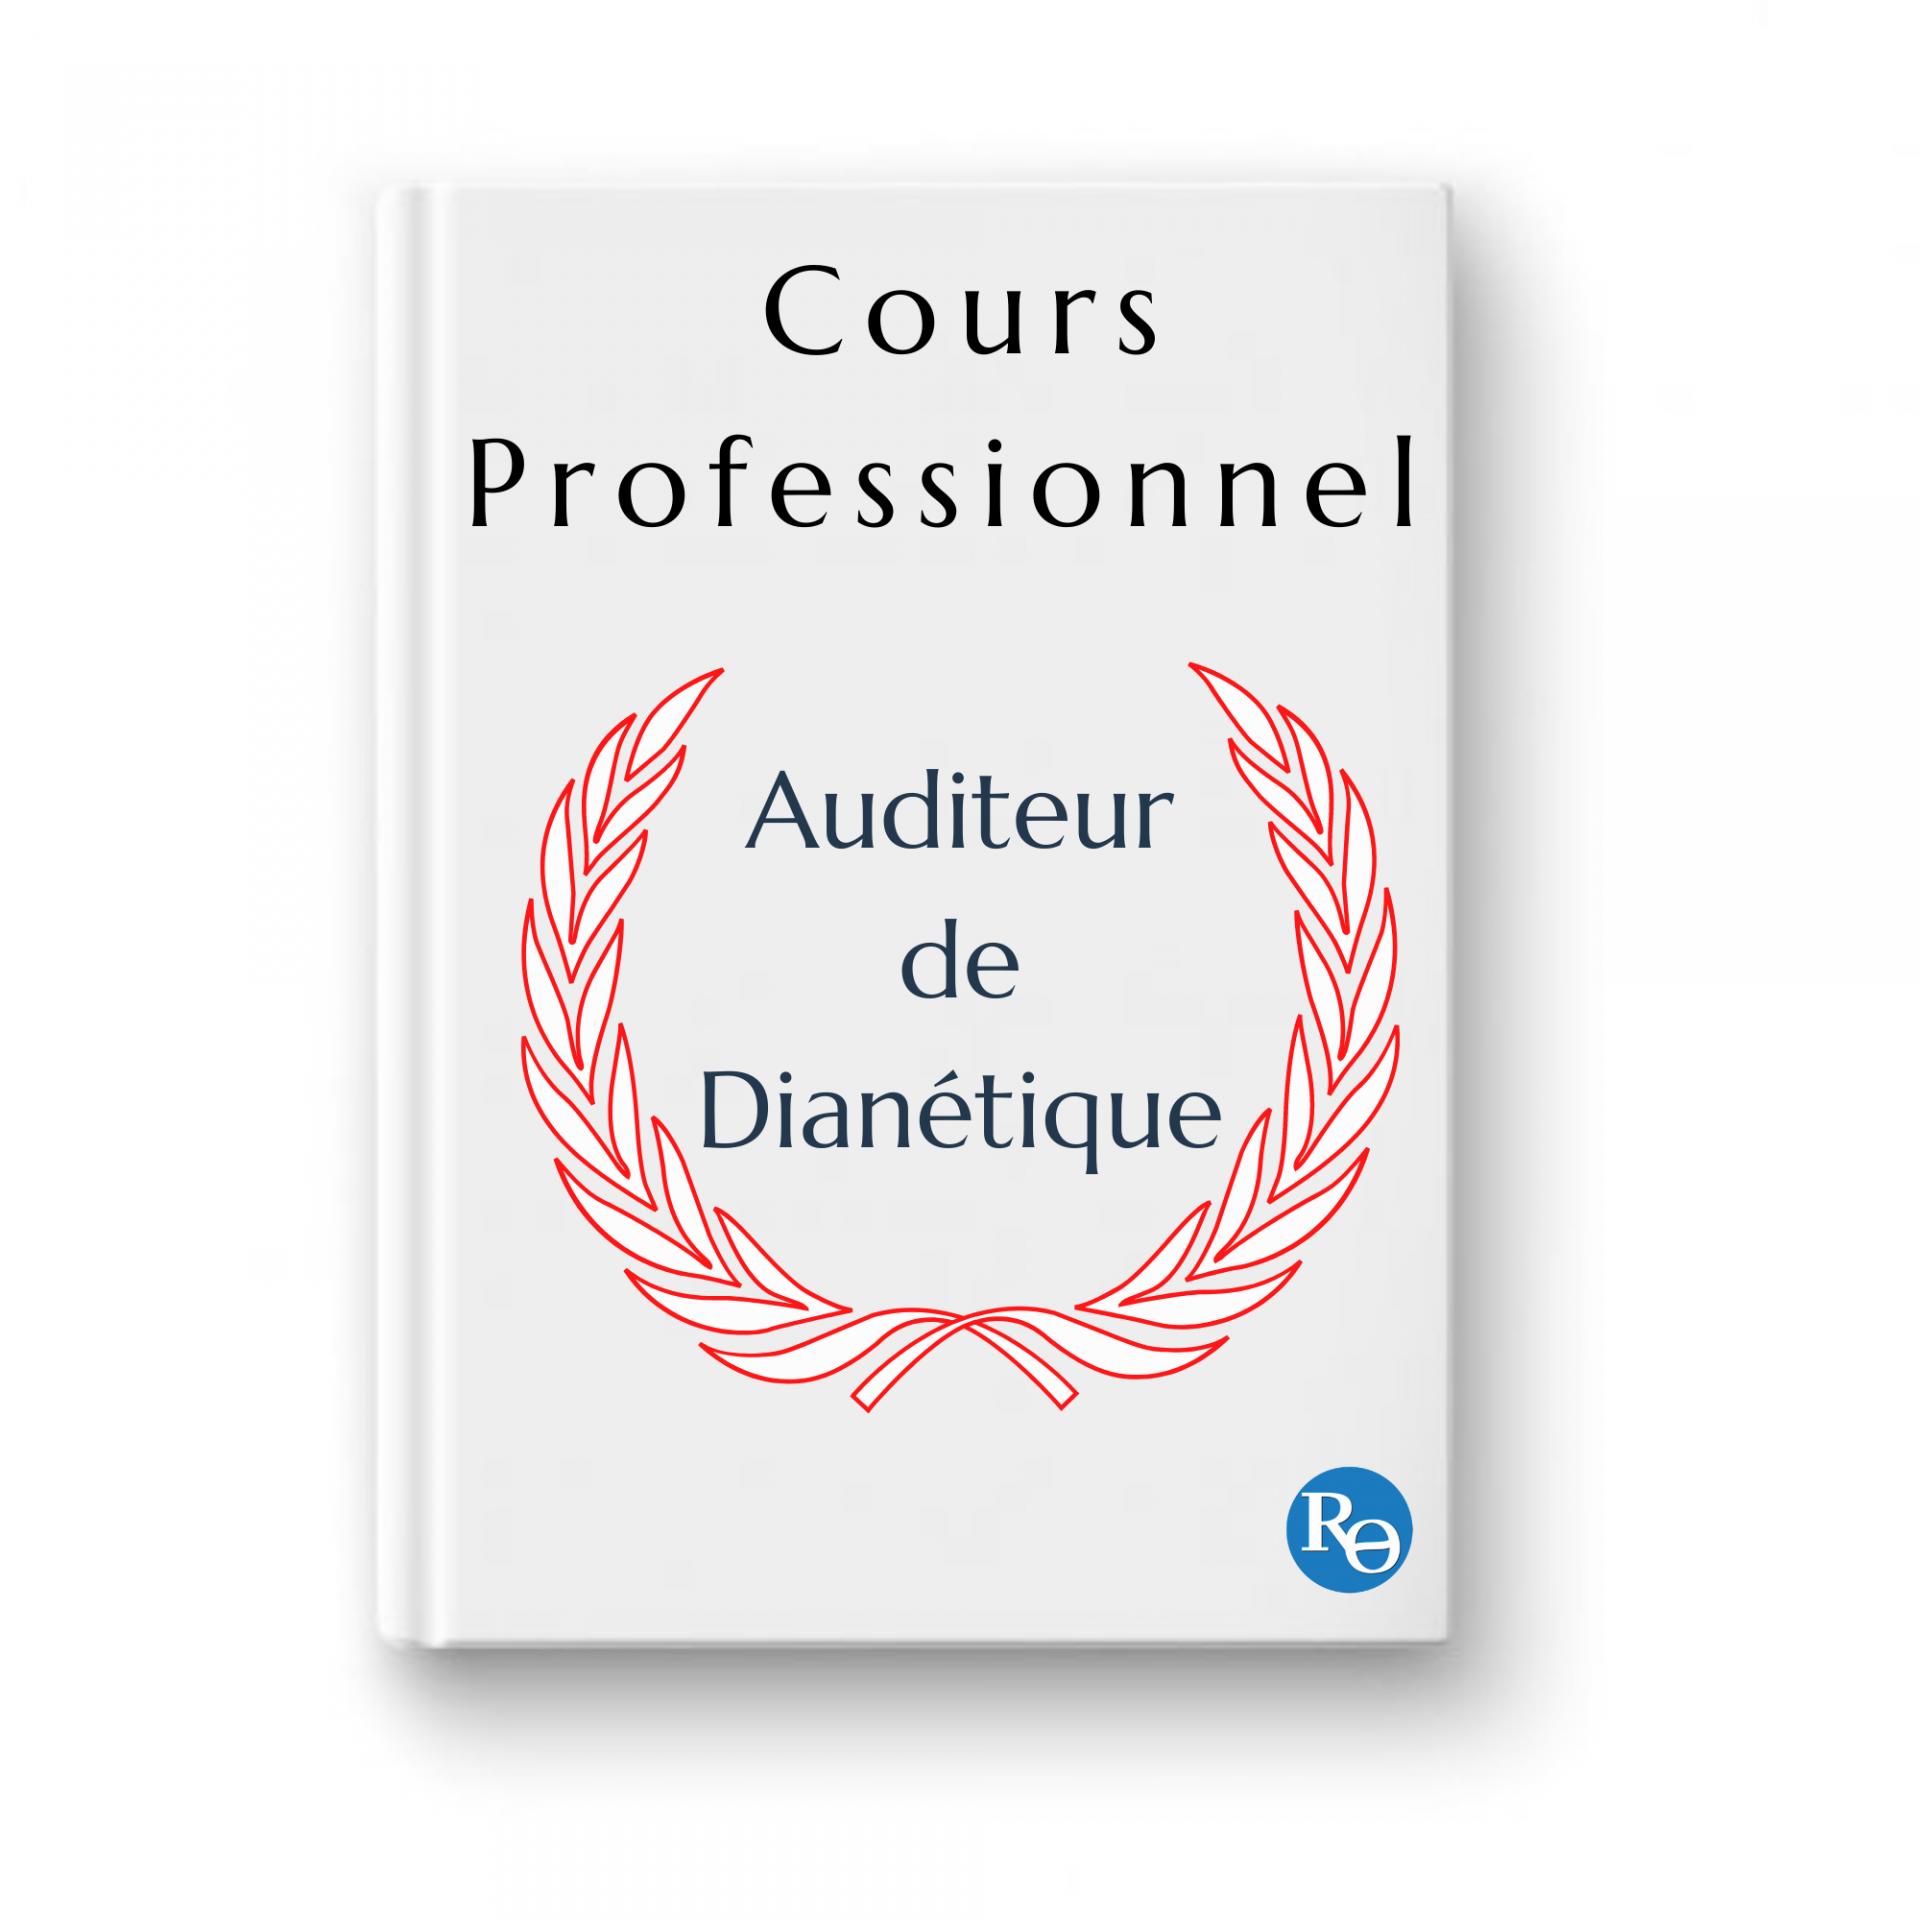 Cours professionnel auditeur dianetique